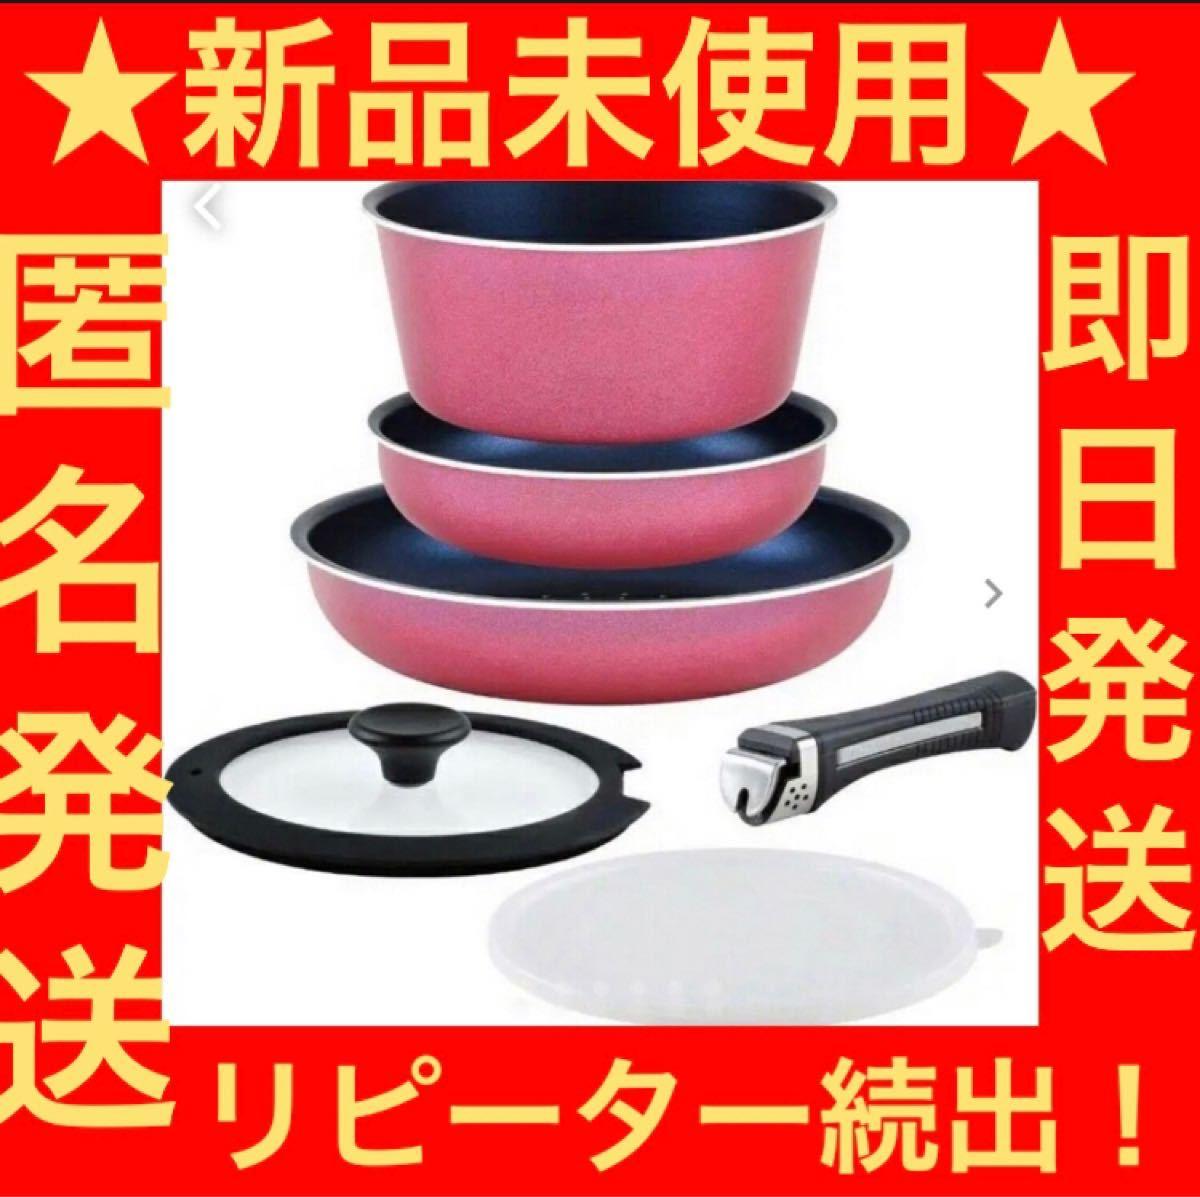 ★新品未使用★ フライパン 取っ手の取れる 6点セット ピンク ダイヤモンドコート IH対応  フライパンセット